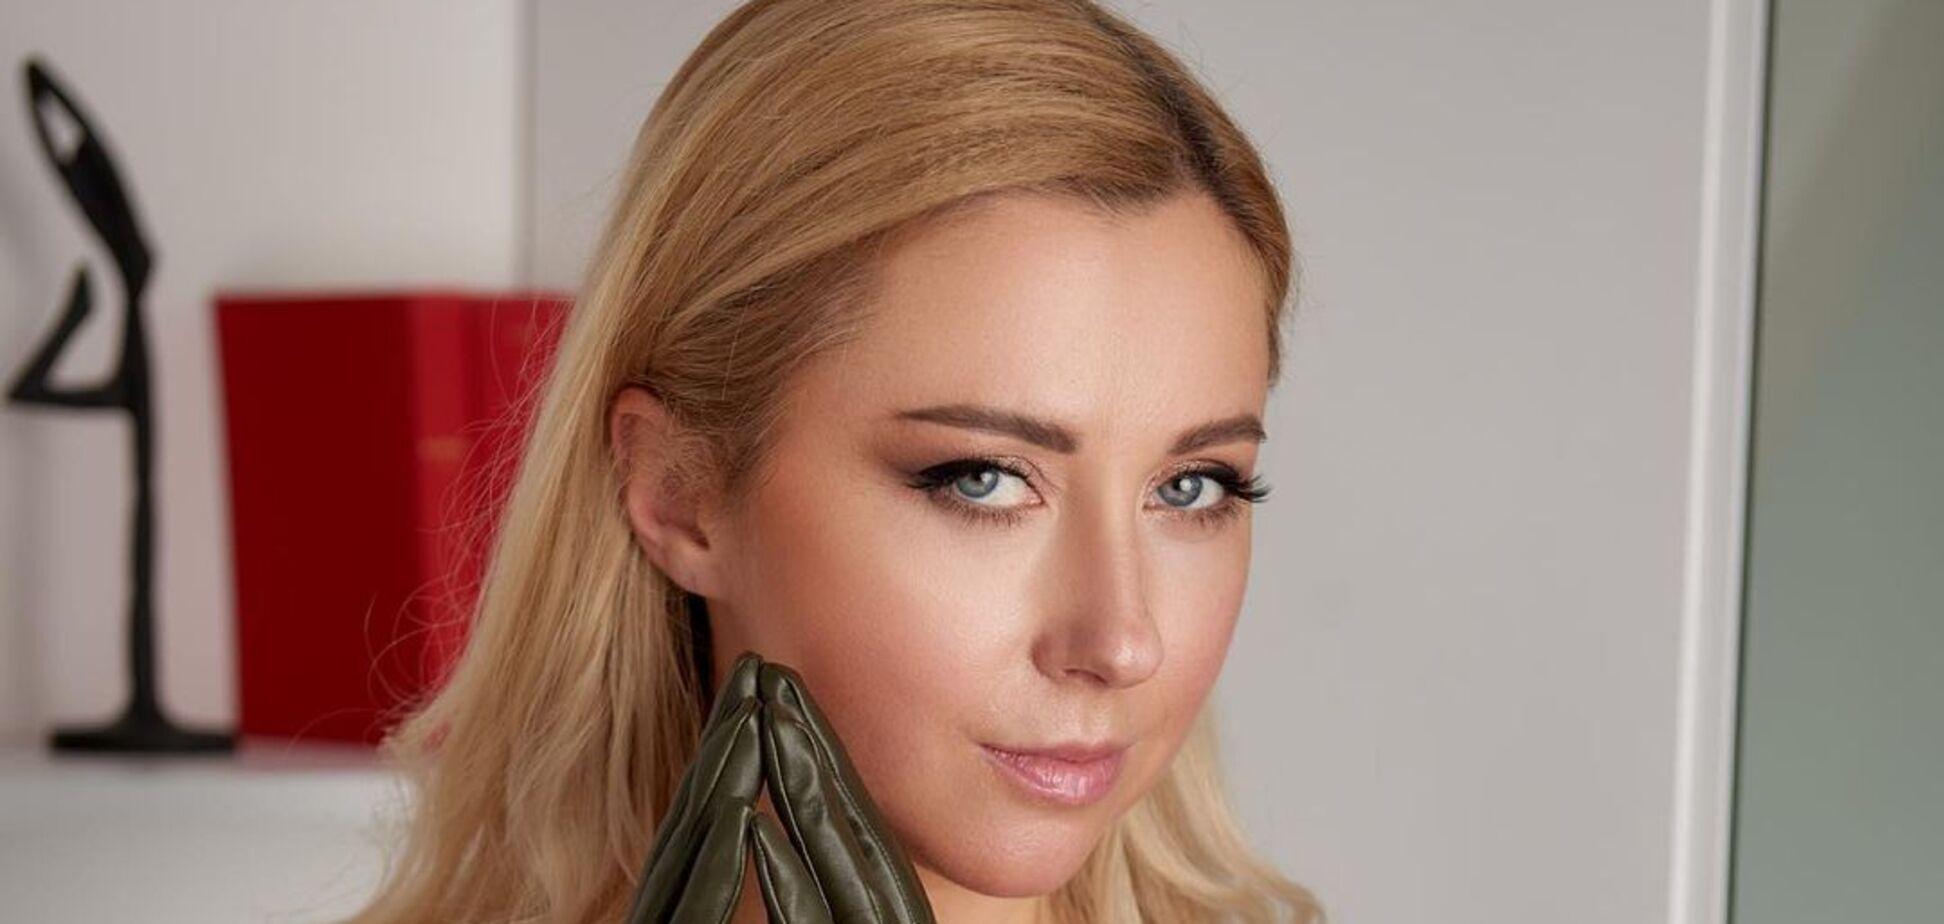 Тоня Матвиенко позировала в платье.